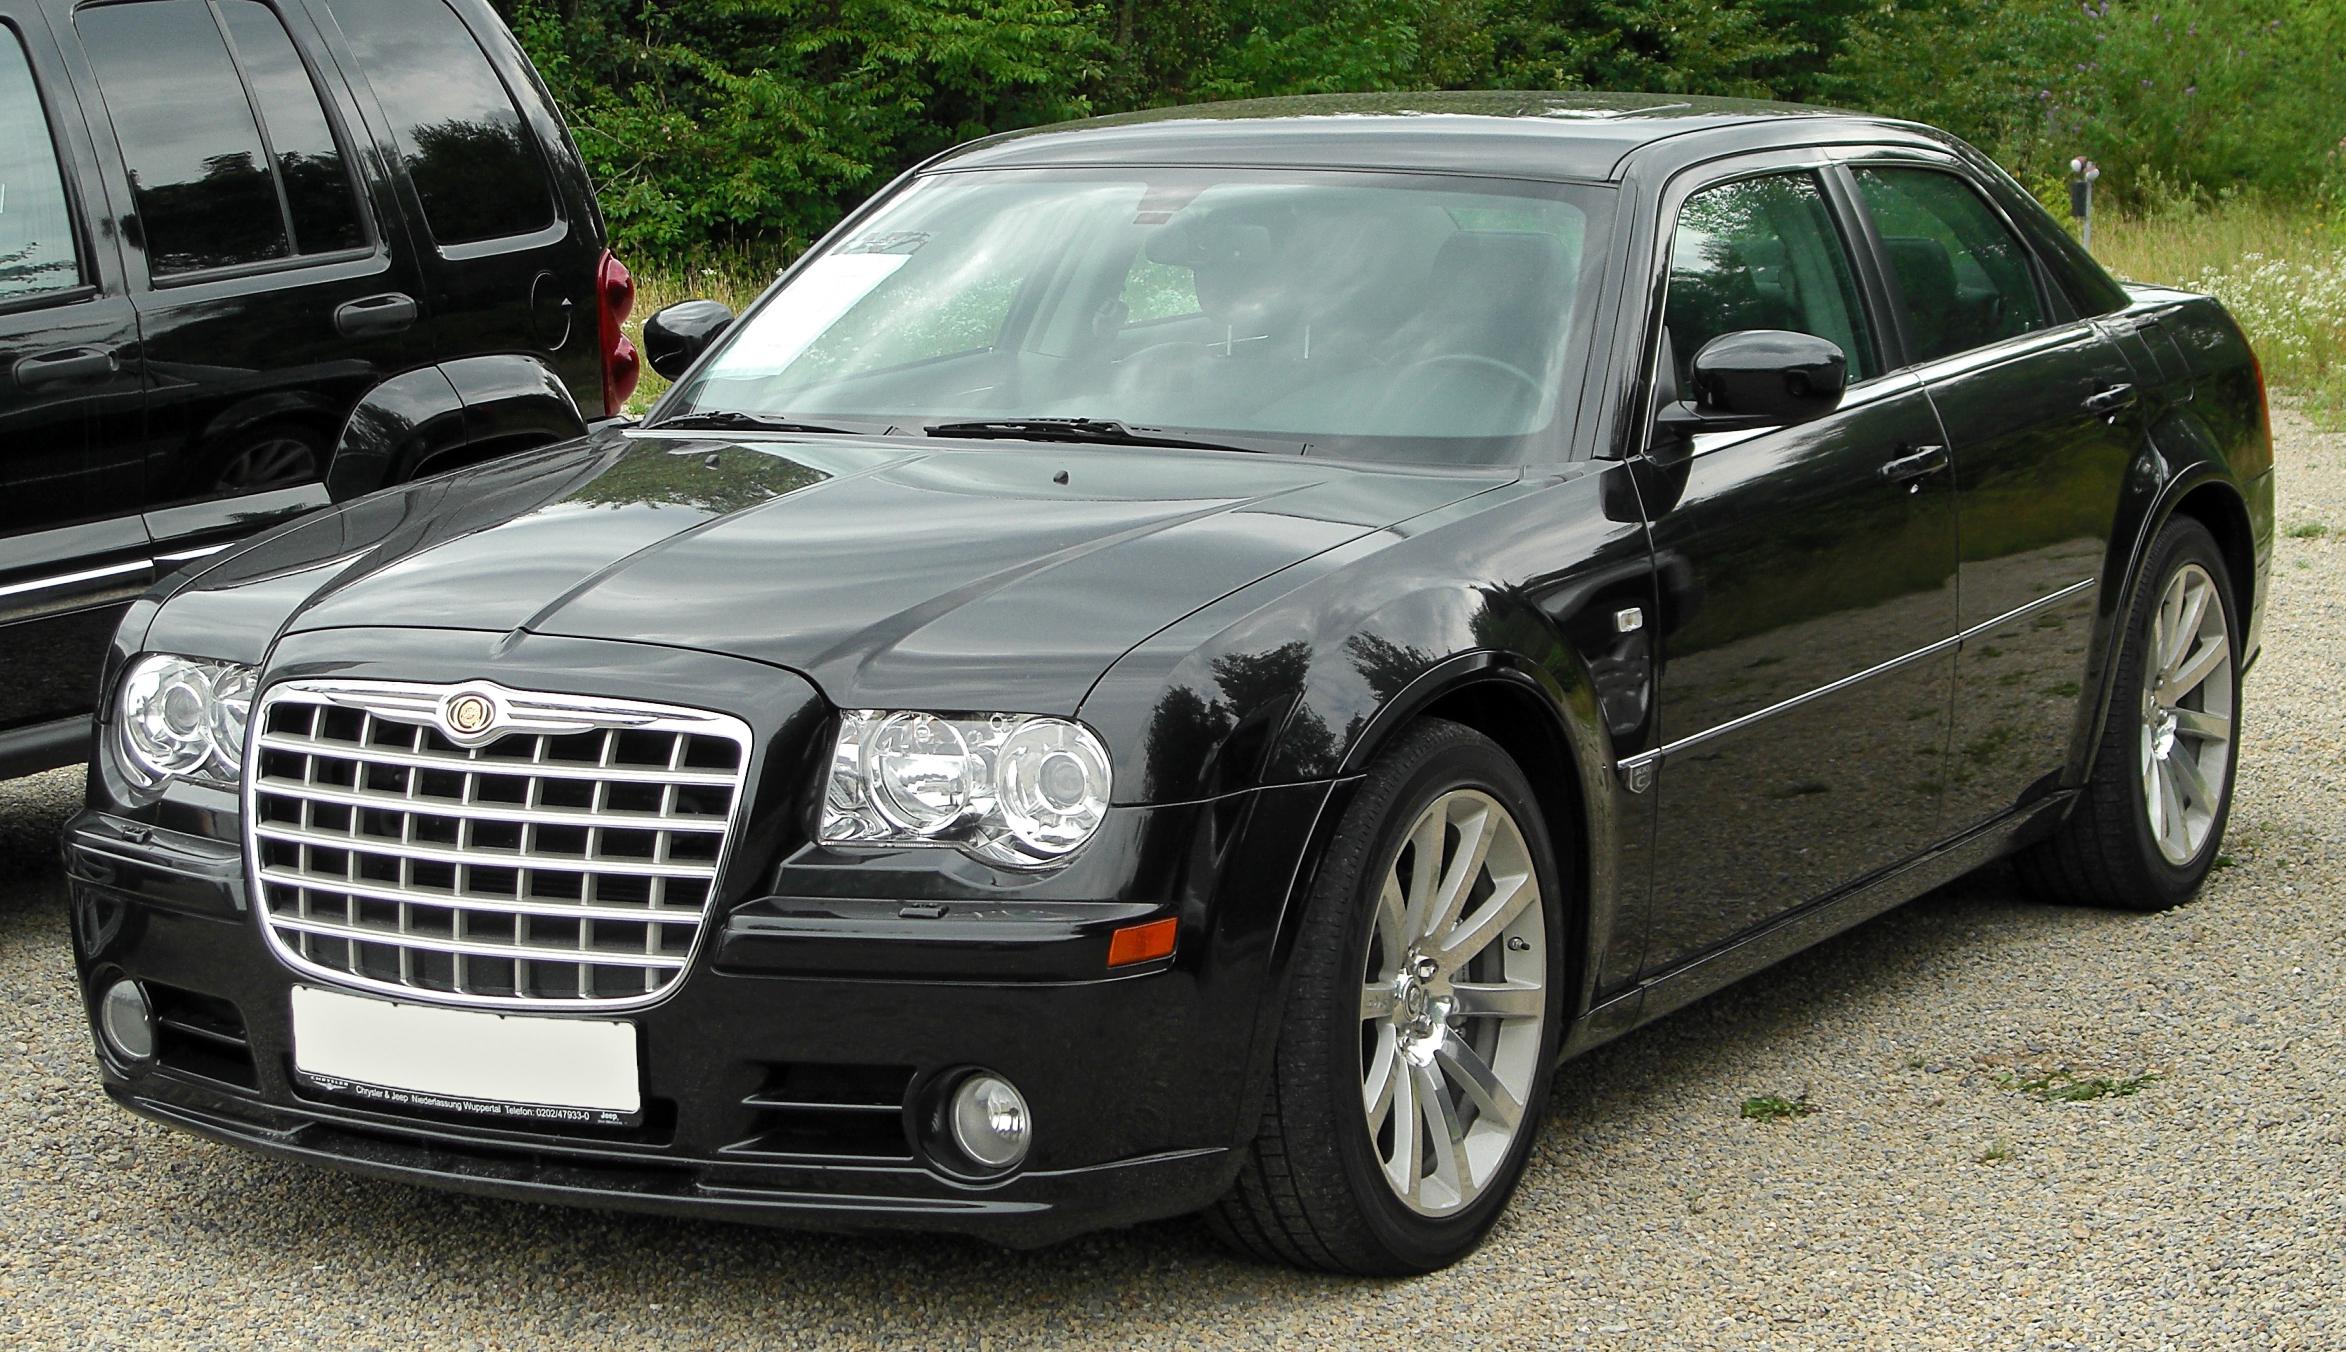 Chrysler 300 Background